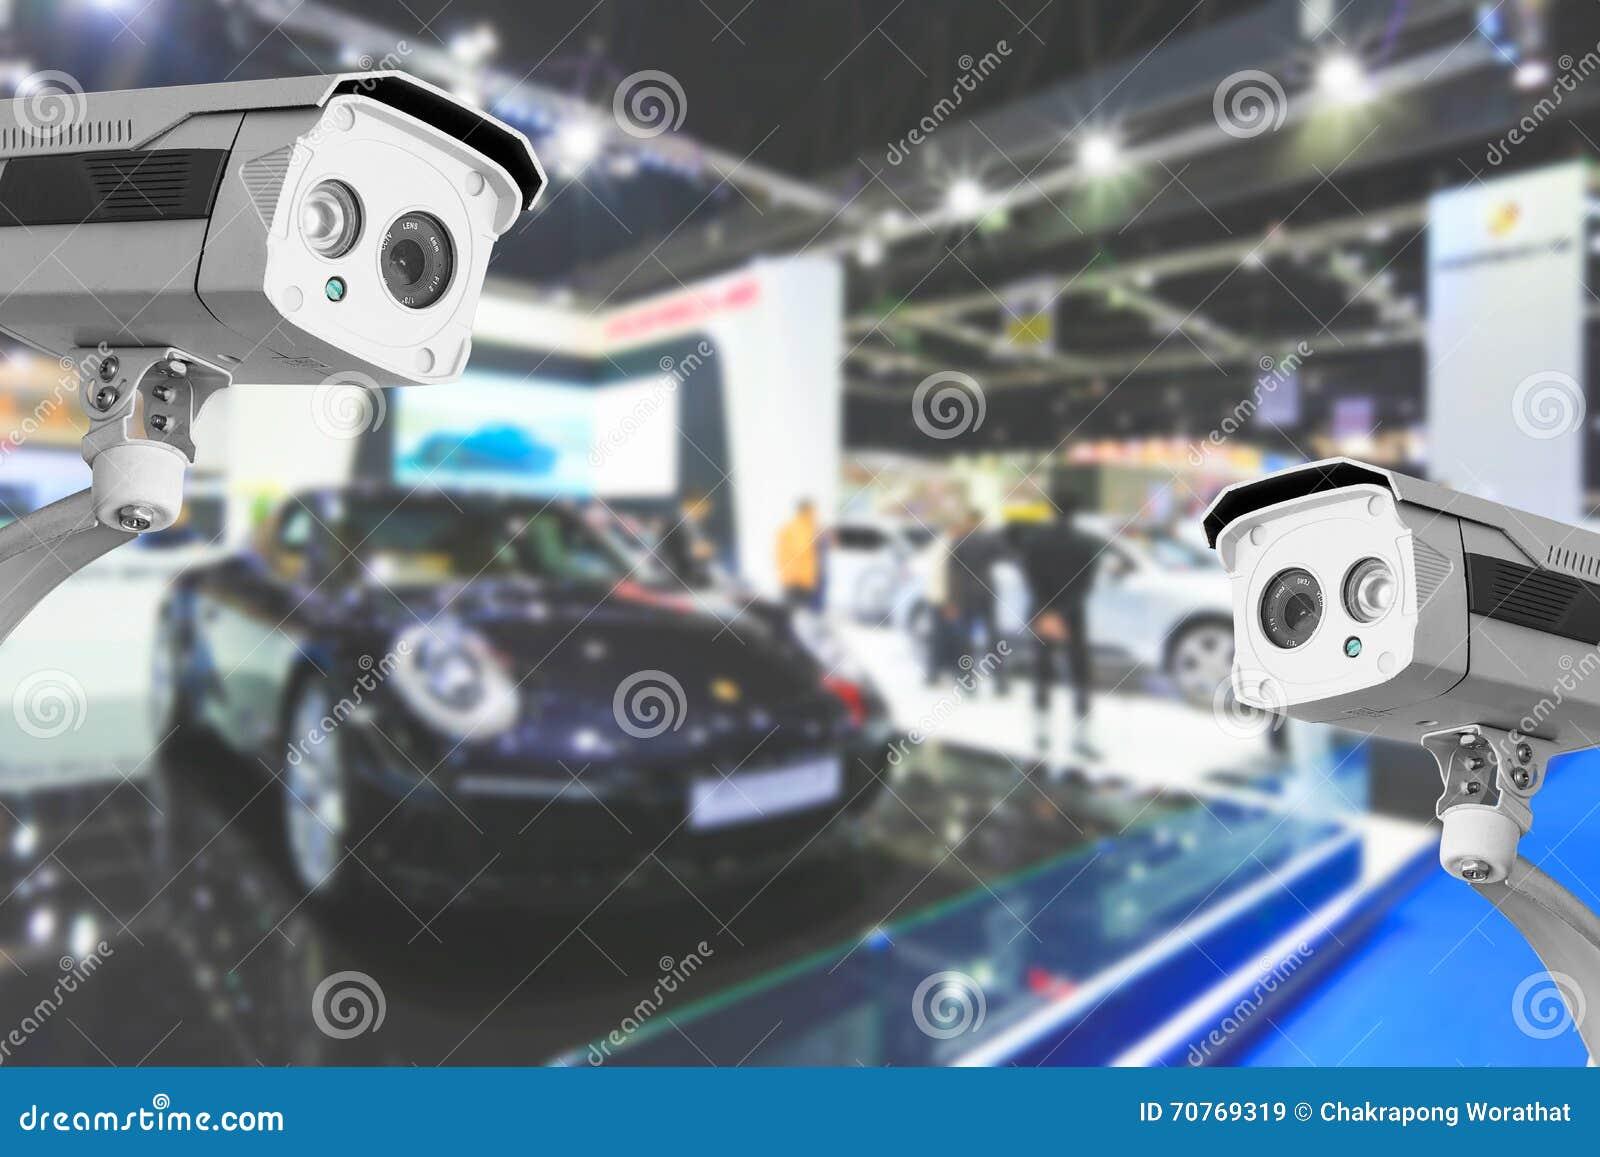 Cámara CCTV de coches comerciales en sitio de la demostración